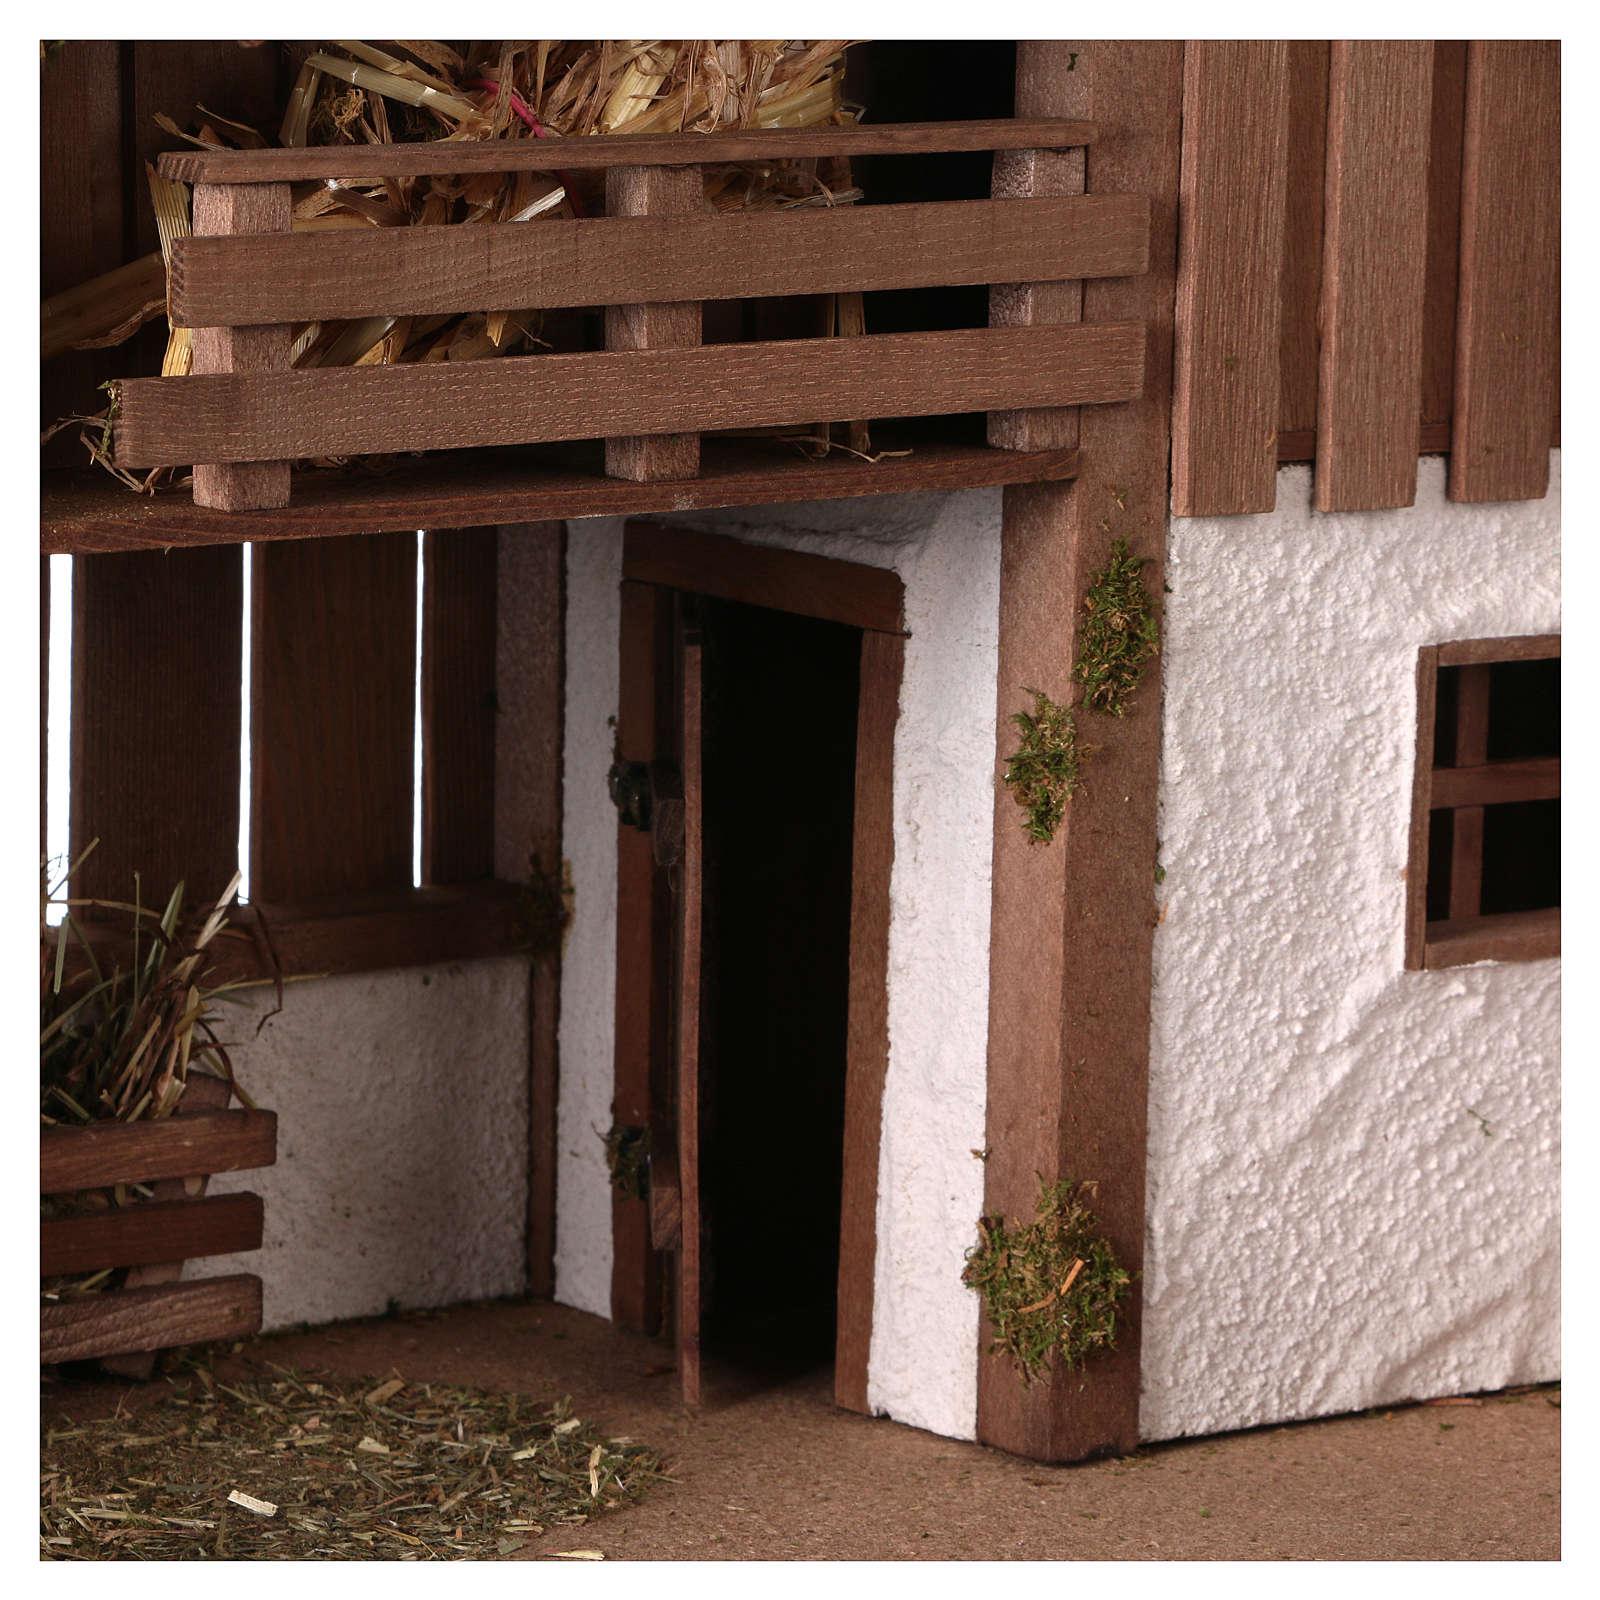 Capanna stile nordico con soppalco a vista e stanza 34x59x30 presepe 13 cm 4